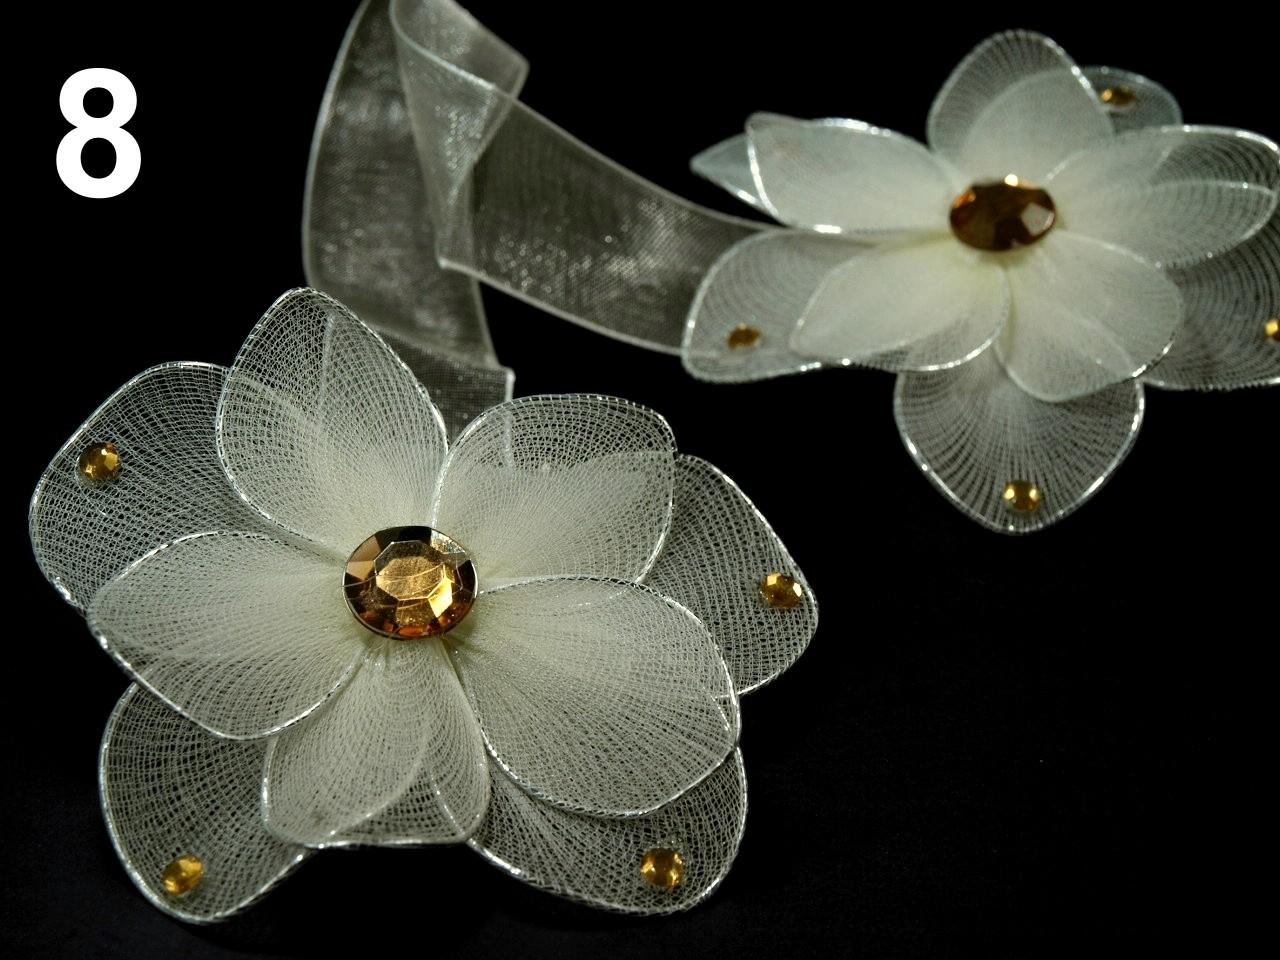 Ozdobná spona na závěsy s magnetem rozměr 8x33cm květina 4ks - 35 Kč / ks 8 béžová sv.